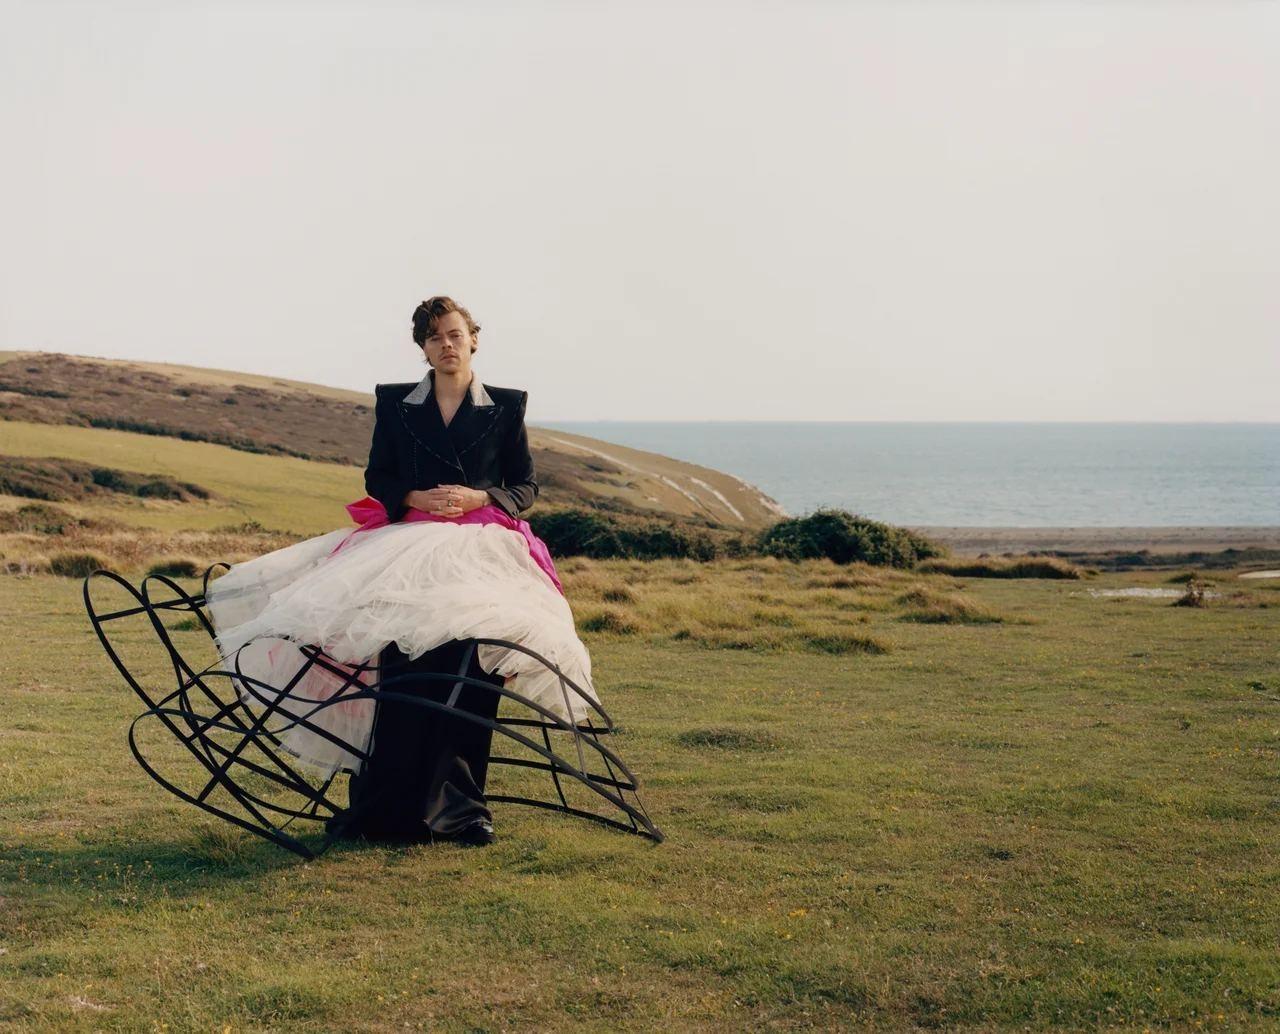 Гарри Стайлс примерил кружевные платья и юбки Gucci для американского Vogue (ФОТО) - фото №5